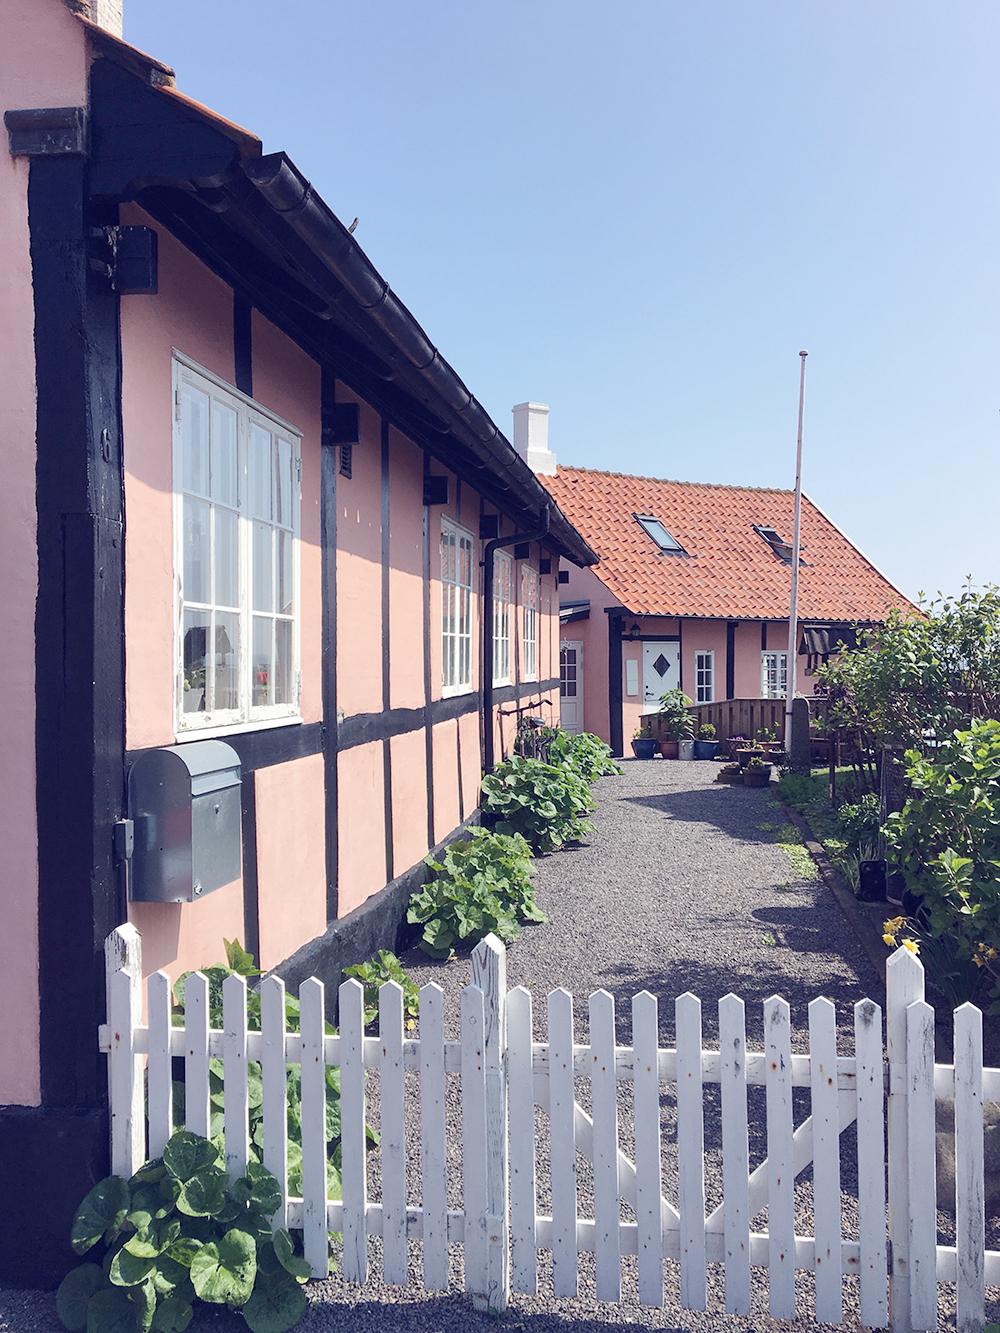 guide små byer bornholm Svaneke